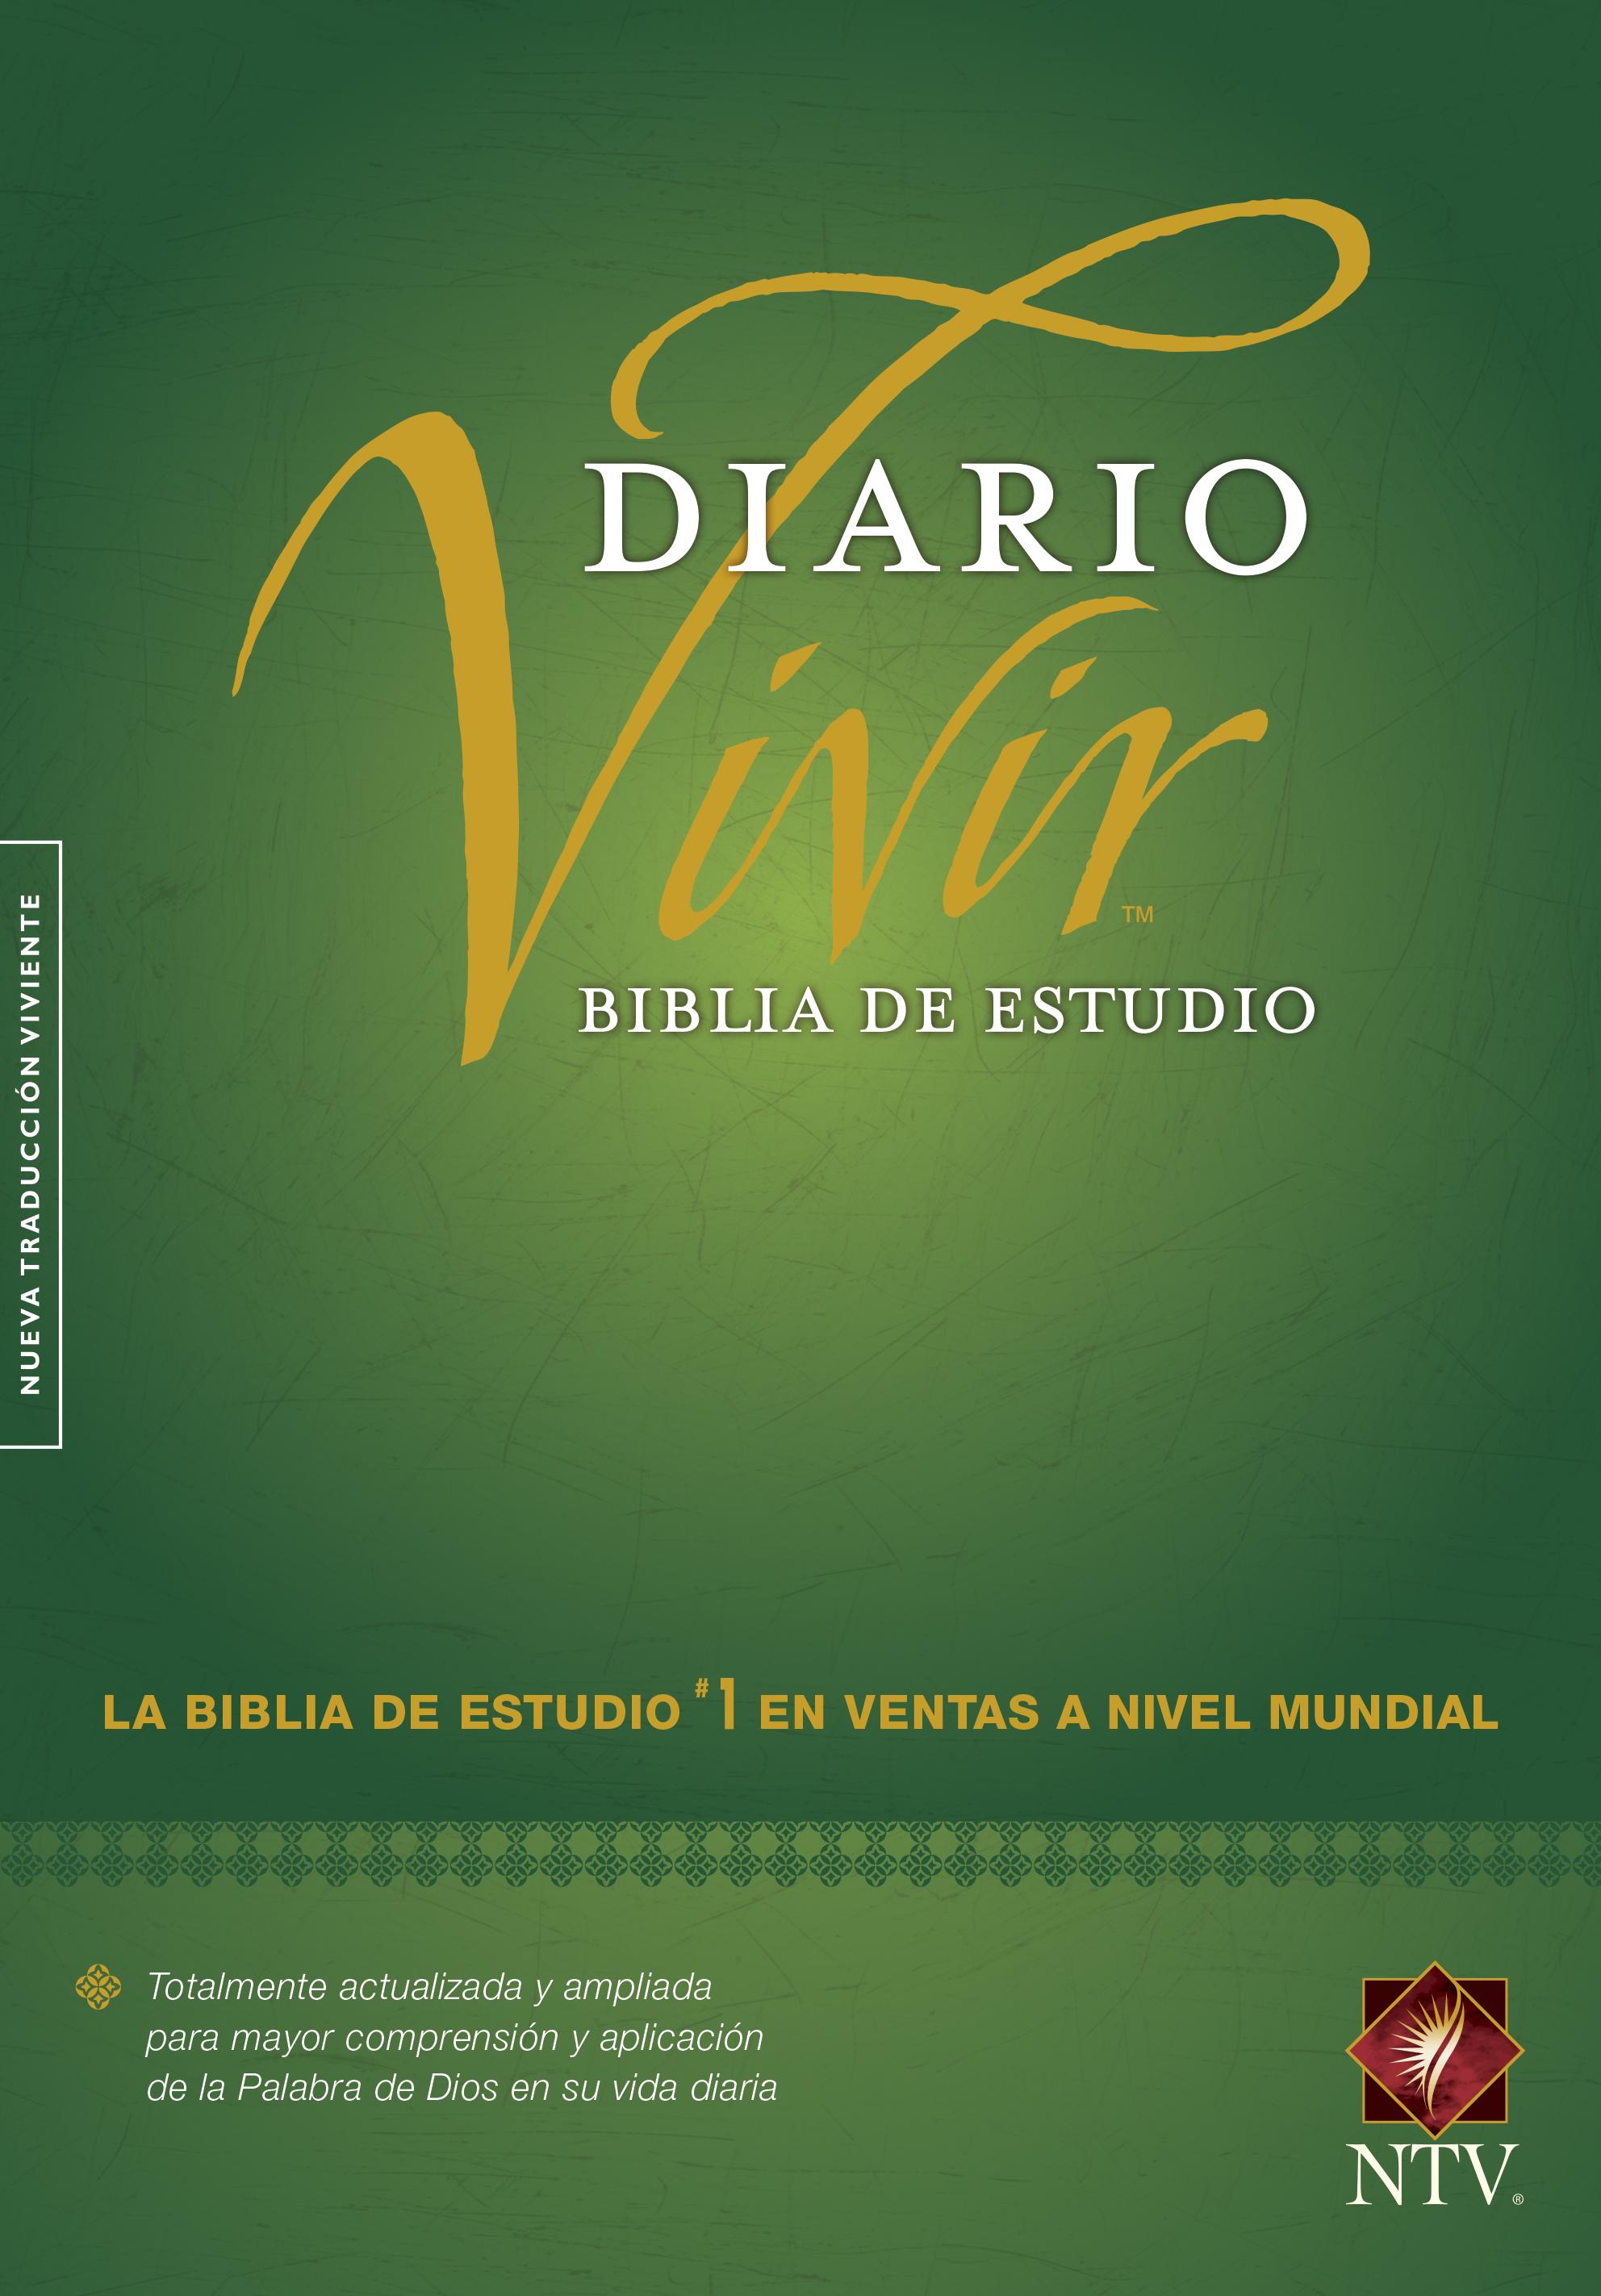 Biblia de estudio del diario vivir NTV (Letra Roja, Tapa dura, Verde, Índice)